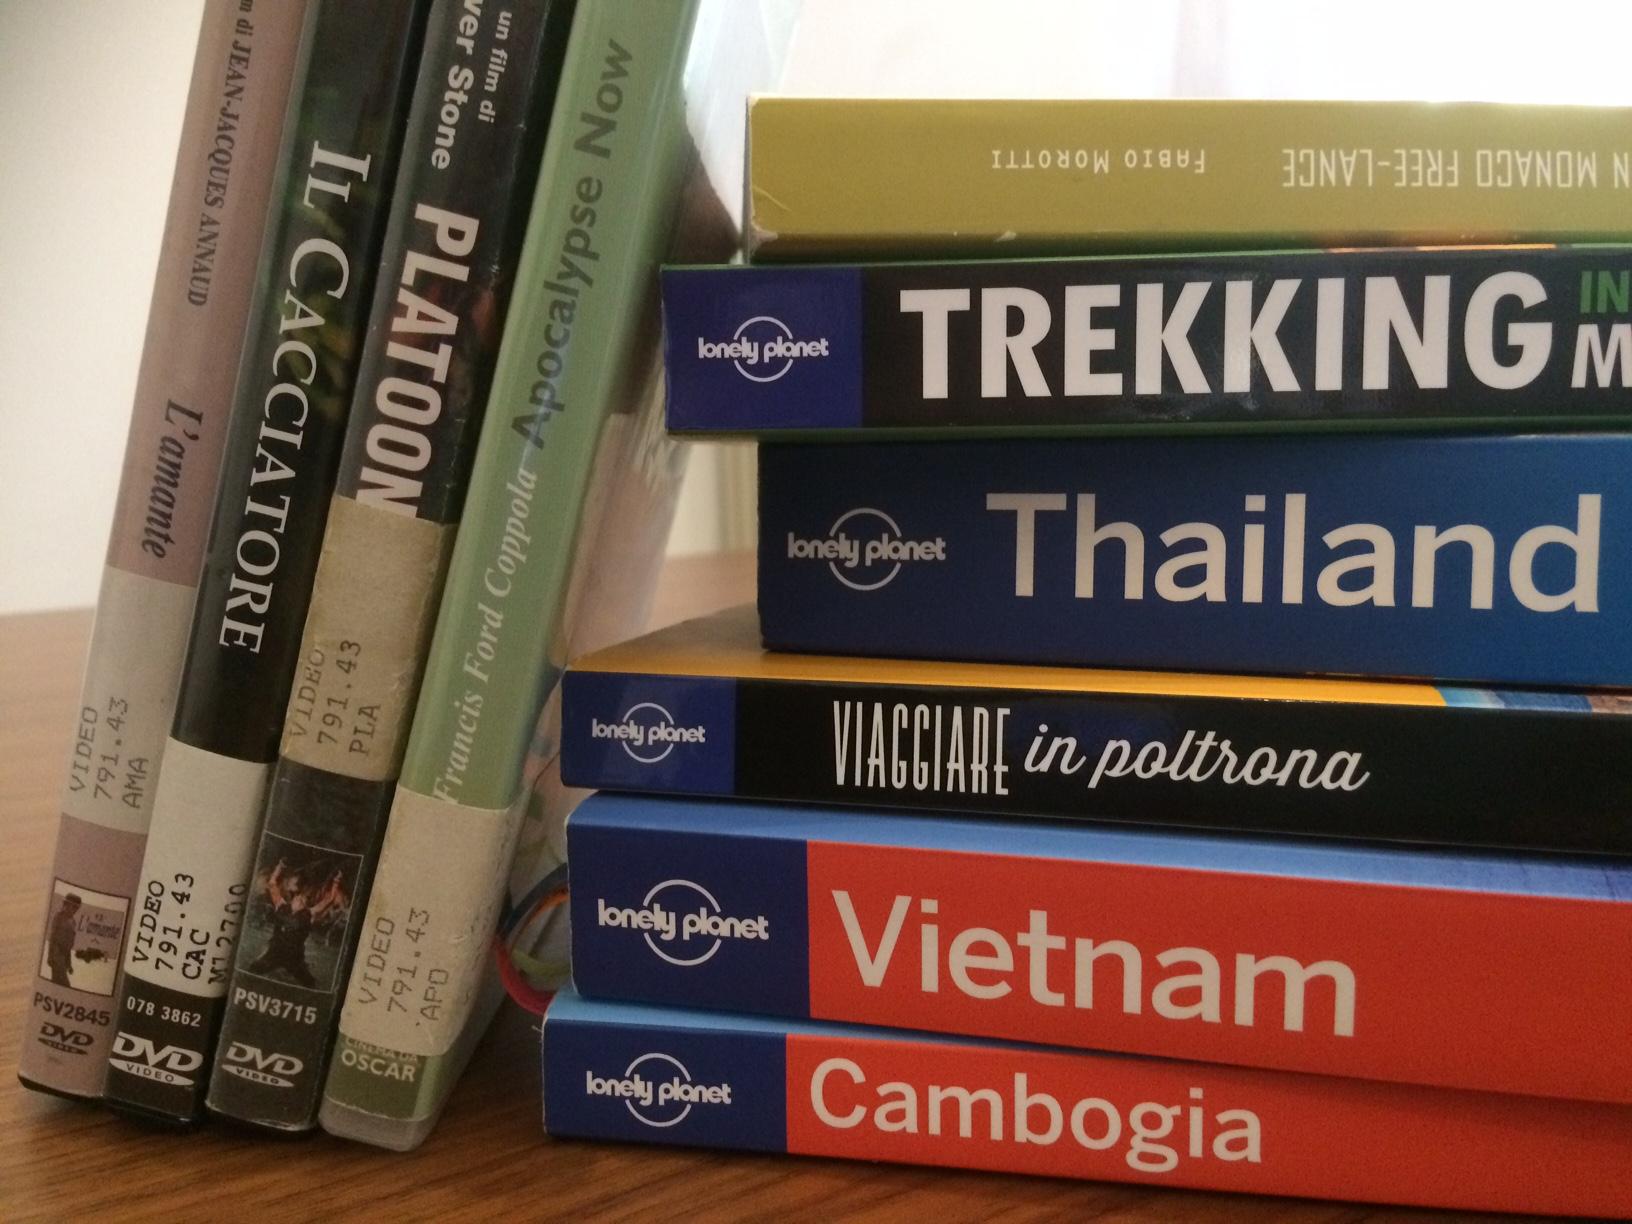 guide, libri e film per ispirarsi prima del viaggio in Vietnam, Cambogia e Thailandia